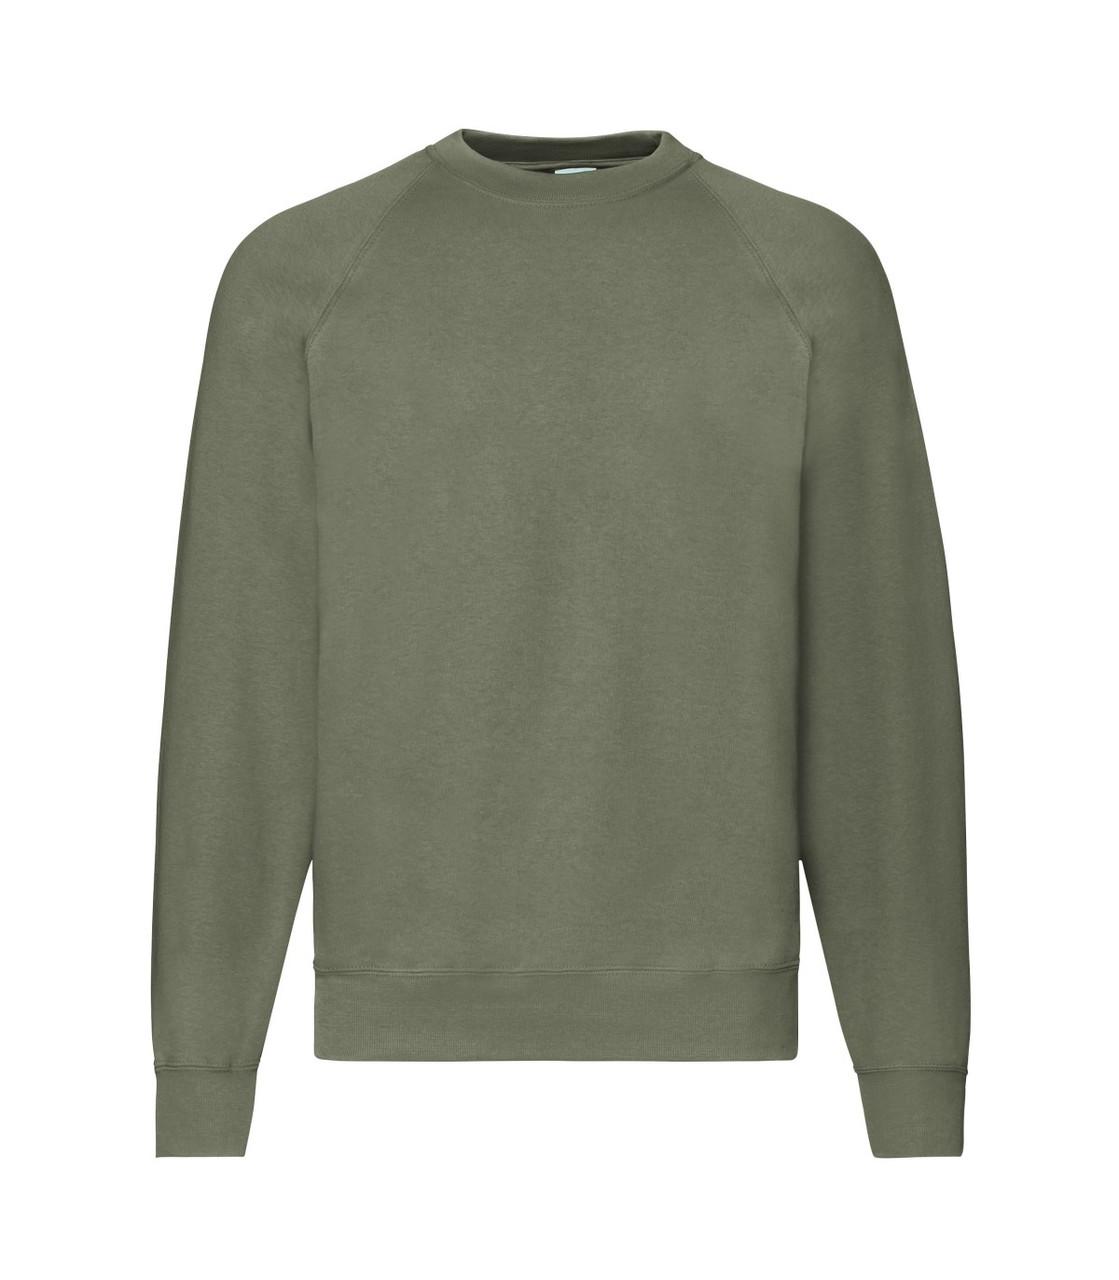 Мужской свитер-реглан утепленный оливковый 216-59